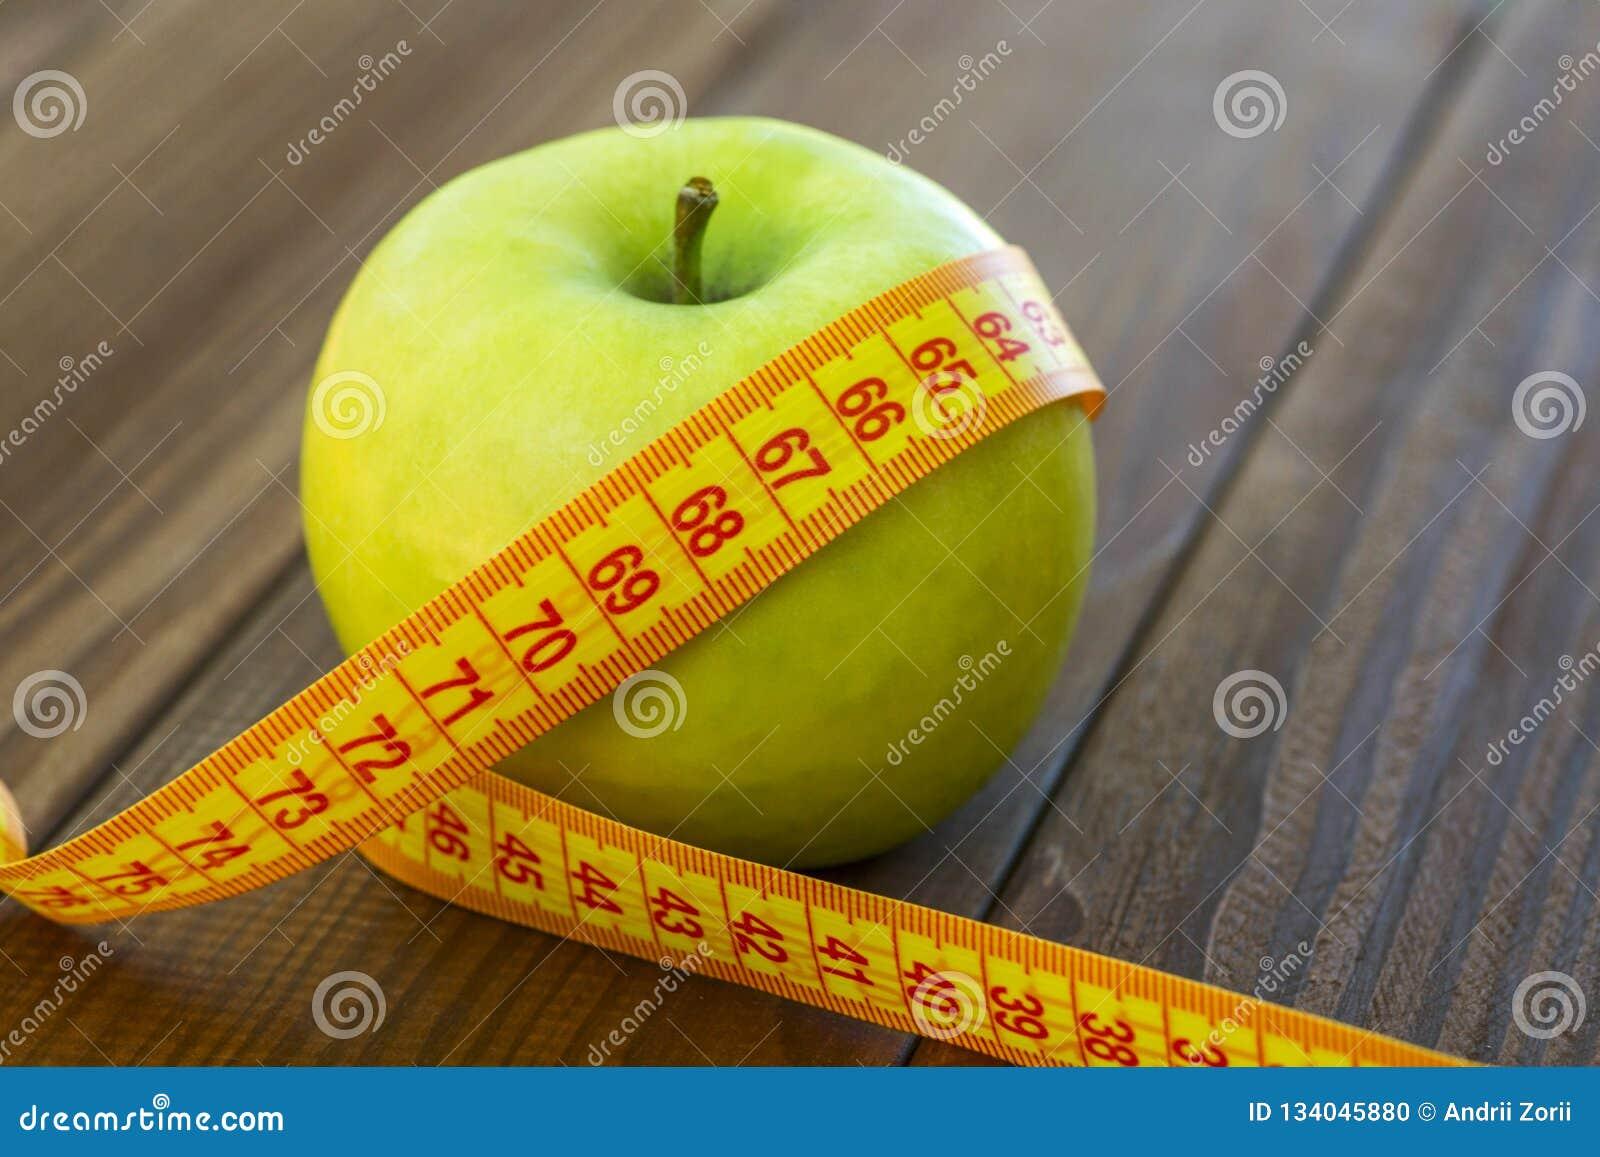 para descender de desazón con manzana verde